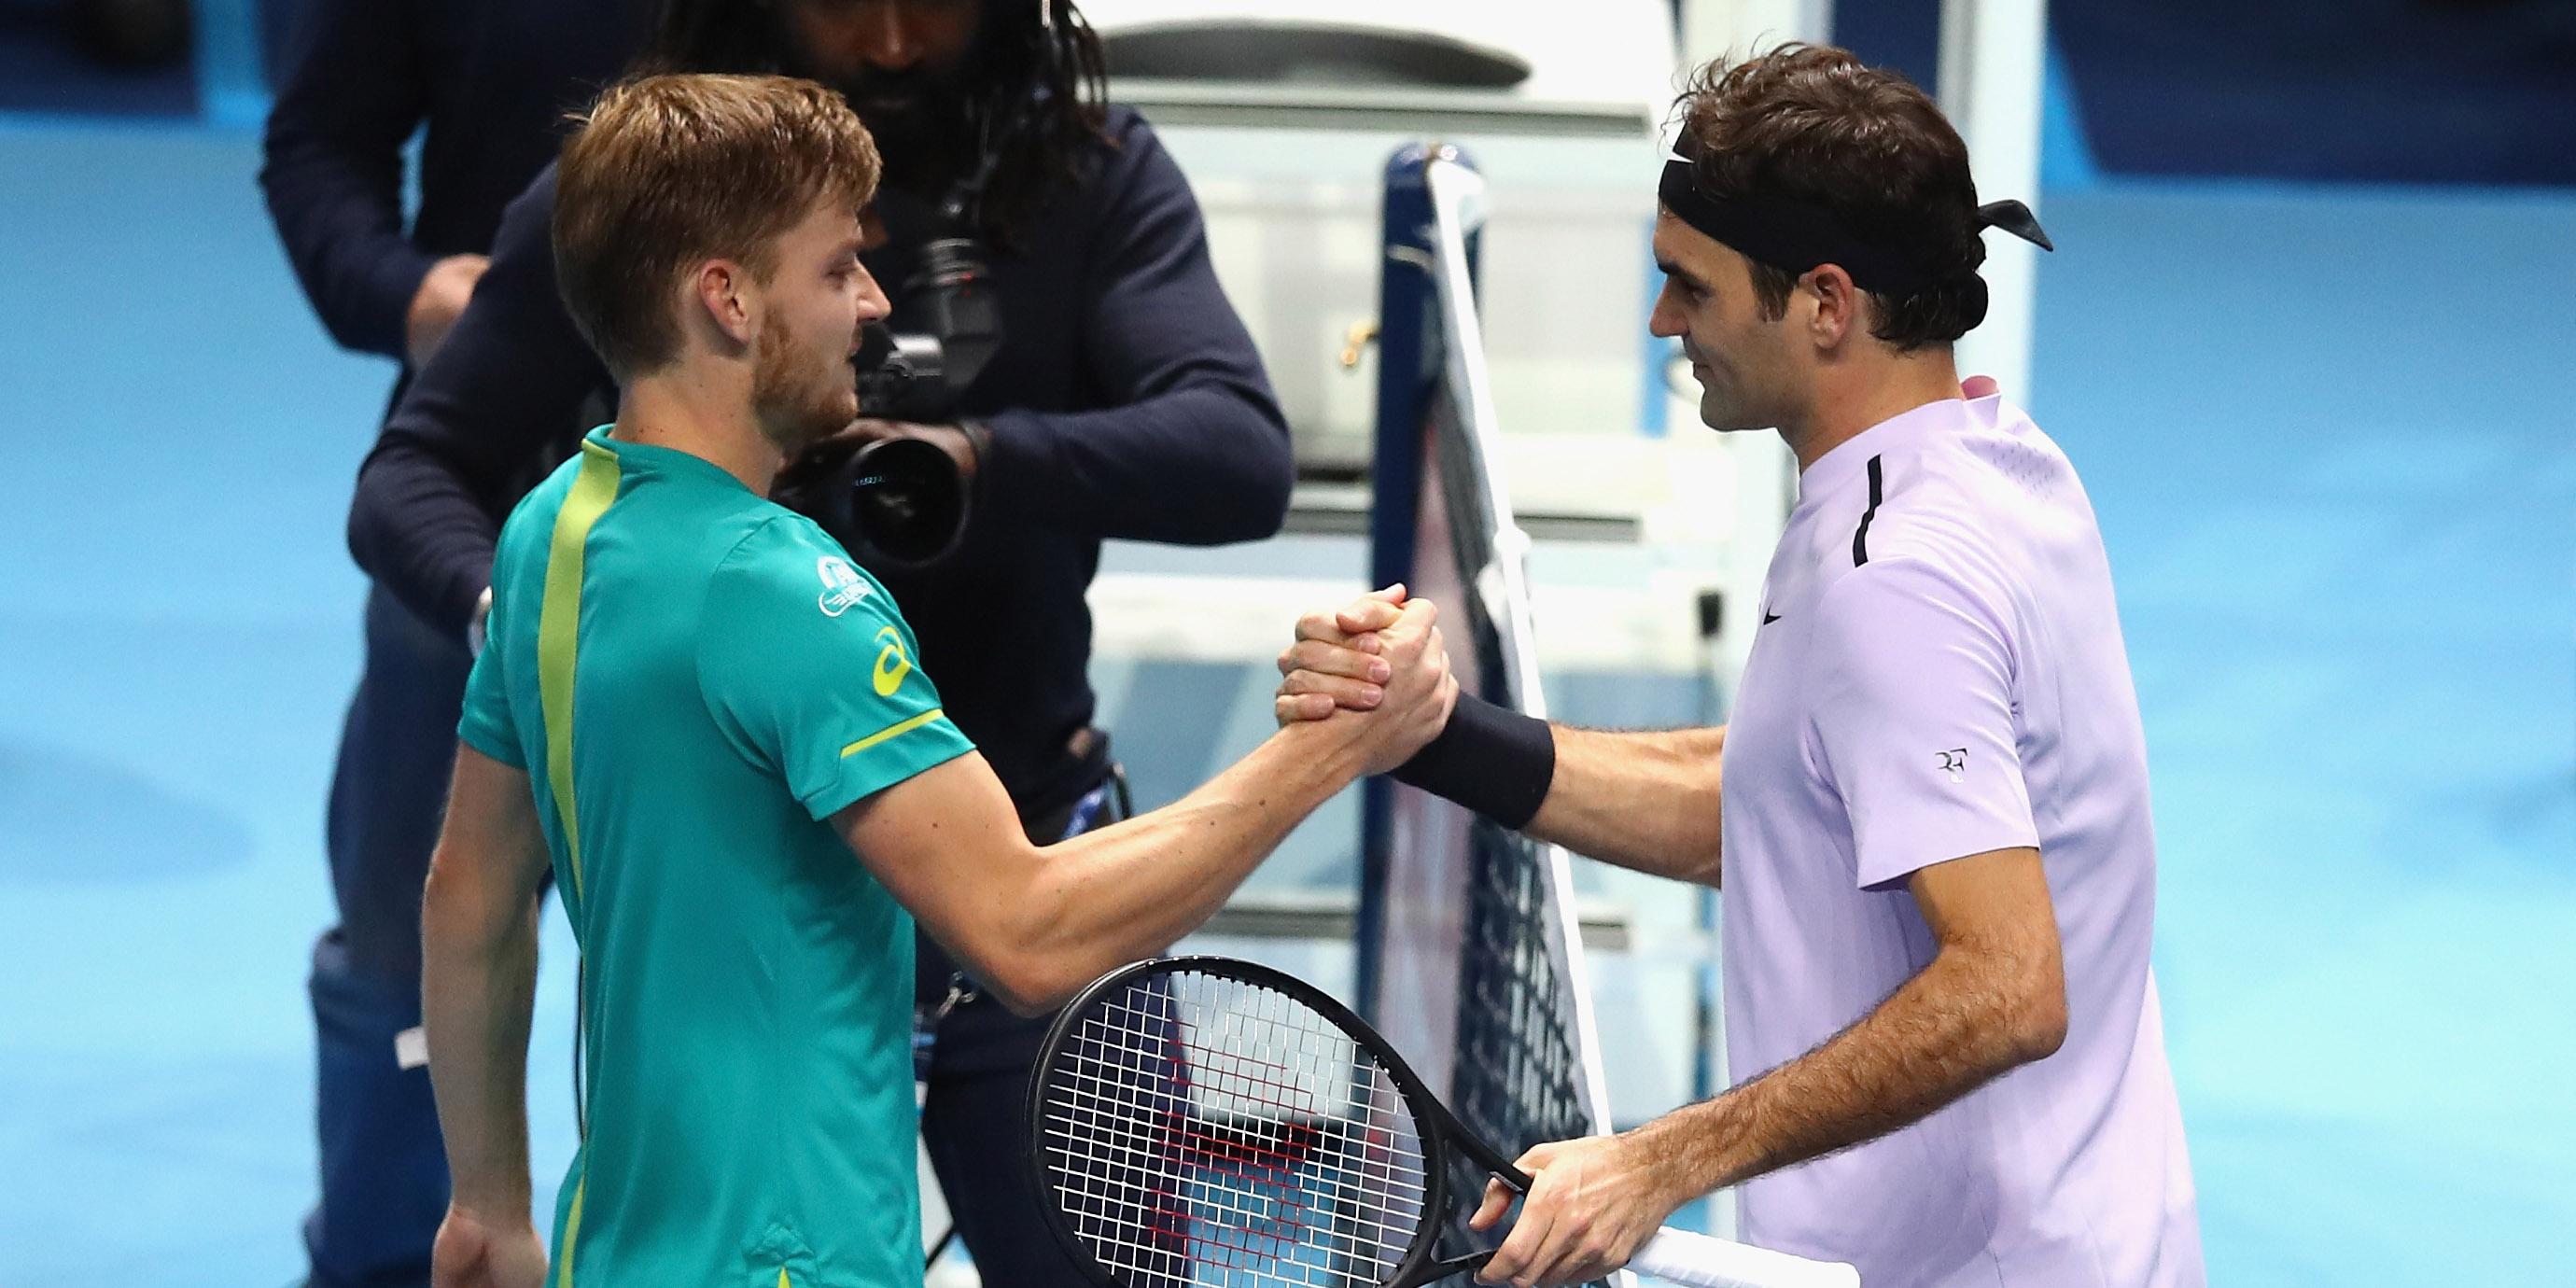 David Goffin, Roger Federer